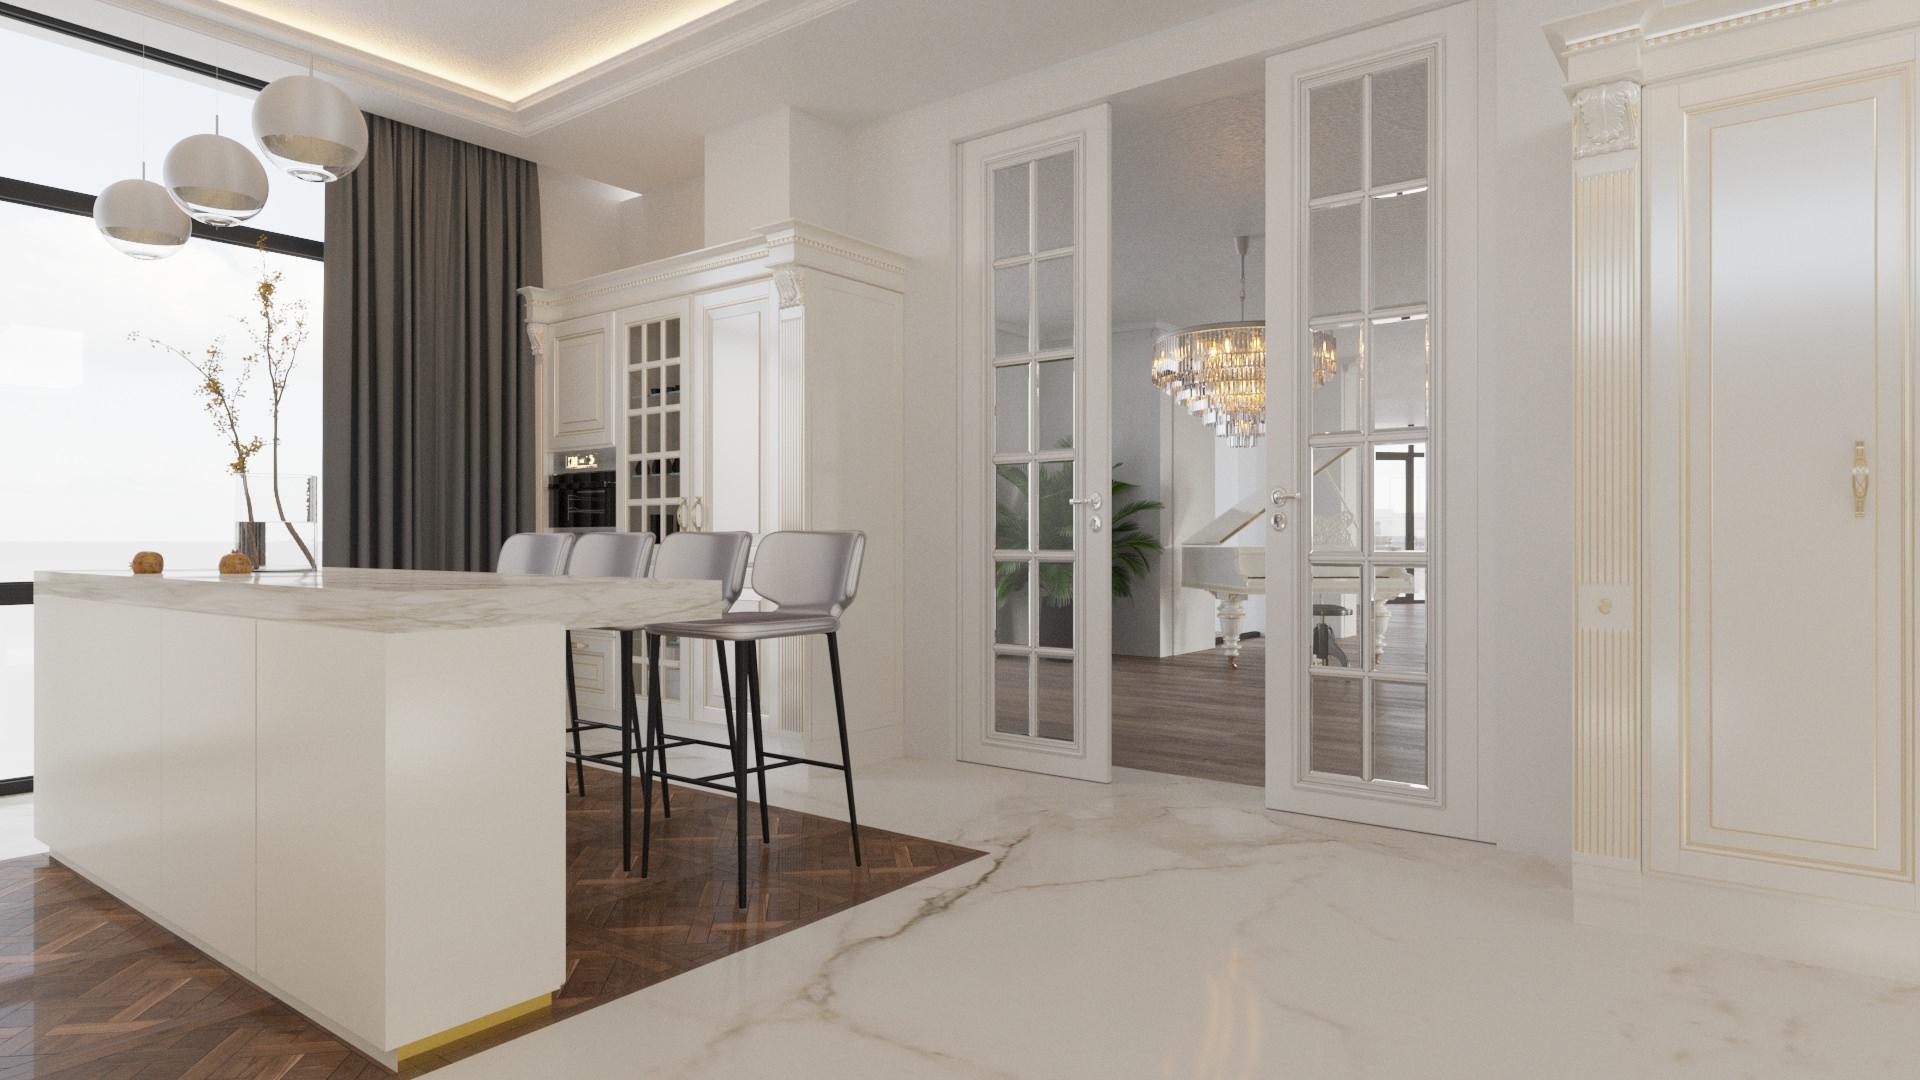 Какой хотят заказать дизайн квартиры мои заказчики ?